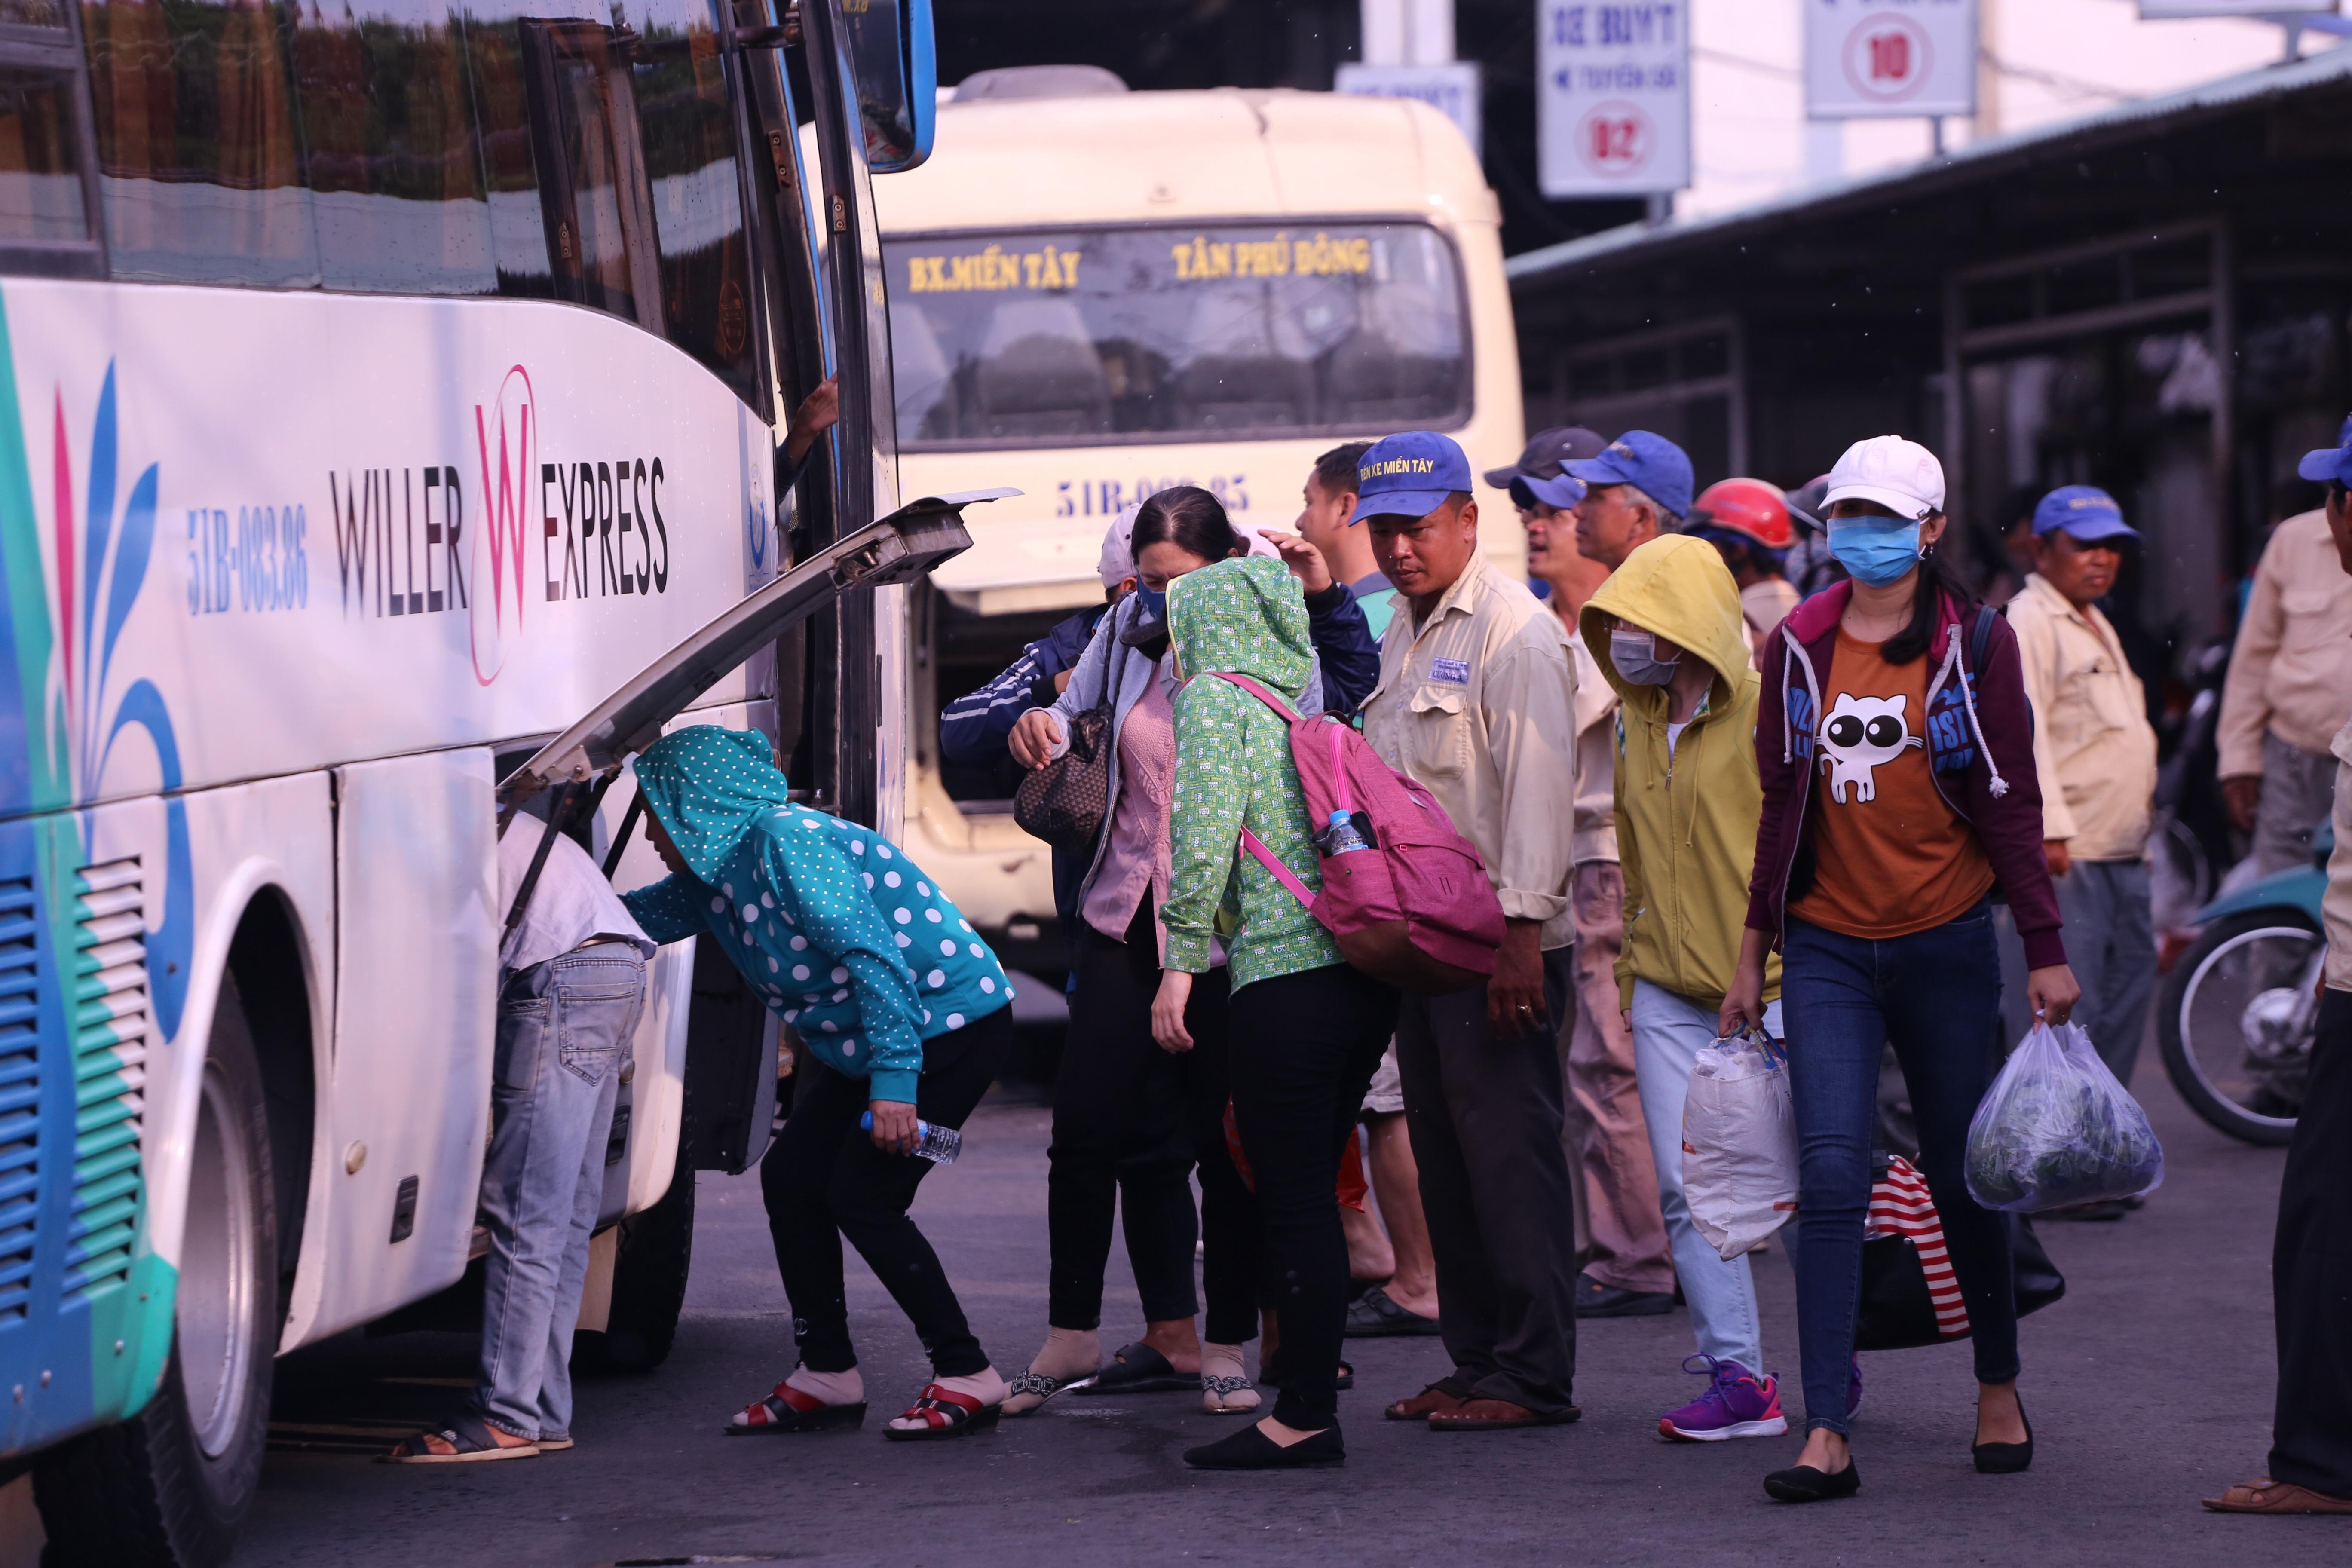 Kết thúc kỳ nghỉ lễ, người dân lỉnh kỉnh đồ đạc, mang theo trẻ nhỏ ùn ùn trở lại Hà Nội và Sài Gòn - Ảnh 25.